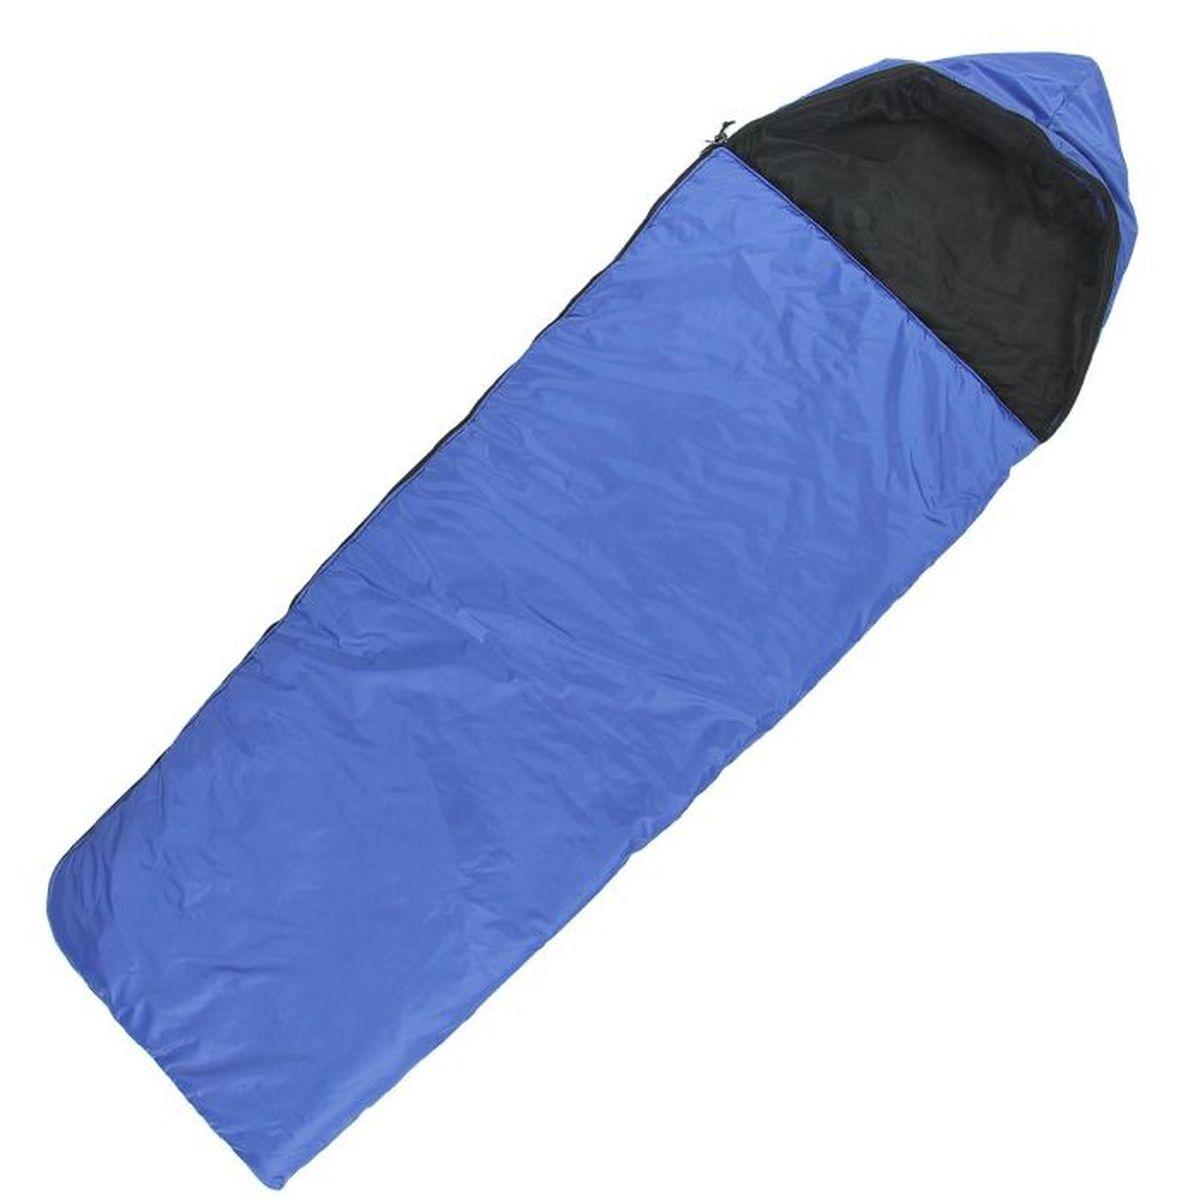 Мешок спальный Onlitop Люкс, цвет: синий, правосторонняя молния. 11359901135990Комфортный, просторный и очень теплый 3-х сезонный спальник предназначен Onlitop Люкс для походов и для отдыха на природе не только в летнее время, но и в прохладные дни весенне-осеннего периода. В теплое время спальный мешок можно использовать как одеяло (в том числе и дома).Мешок имеет теплый воротник и москитную сетку.Материал внешней ткани: Полиэстер (Oxford 200D WR PU 1000 мм).Материал внутренней ткани: Хлопок.Вес: 1.2 кг.Размеры: 225 х 70 см.Размеры в свернутом виде: 42 x 23 см.